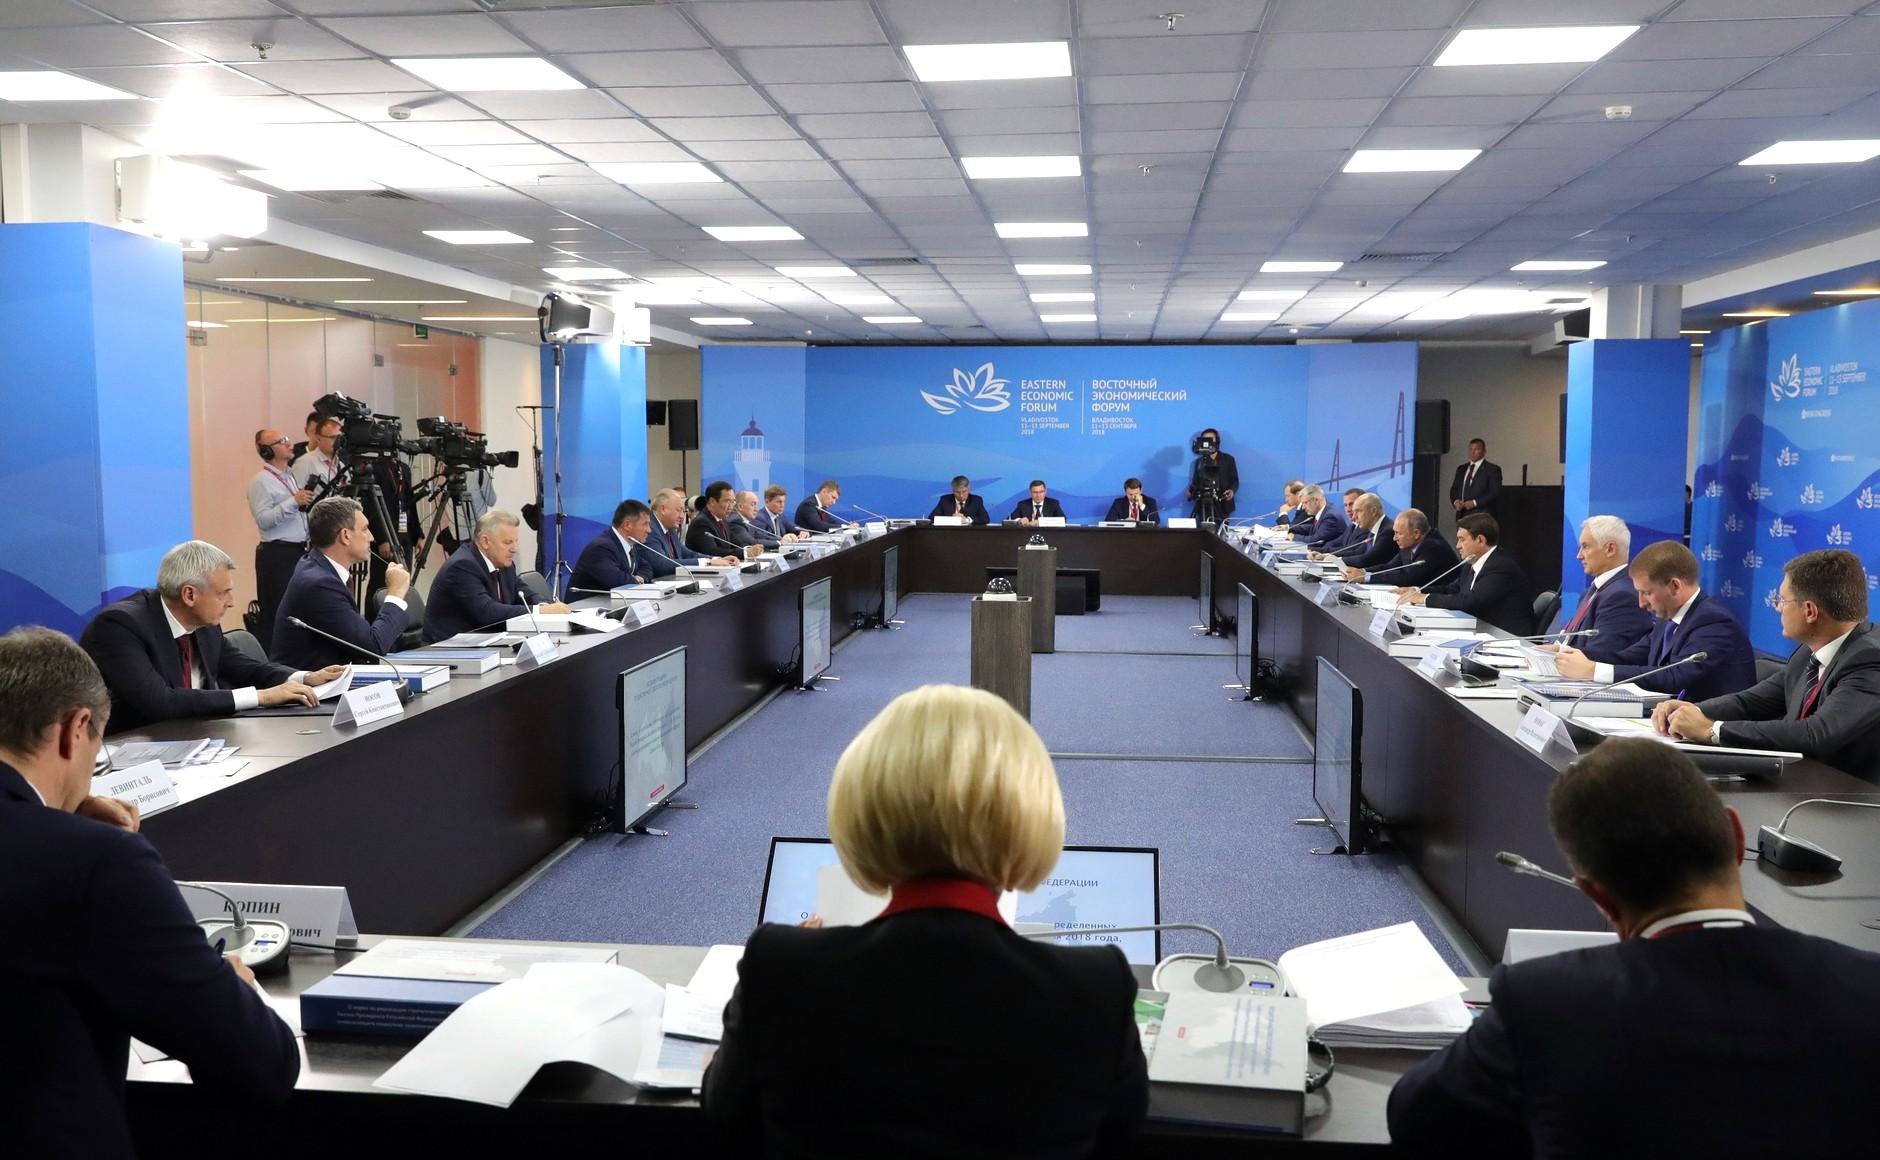 Р. Гольдштейн: Президент обозначил усиление восточного вектора развития